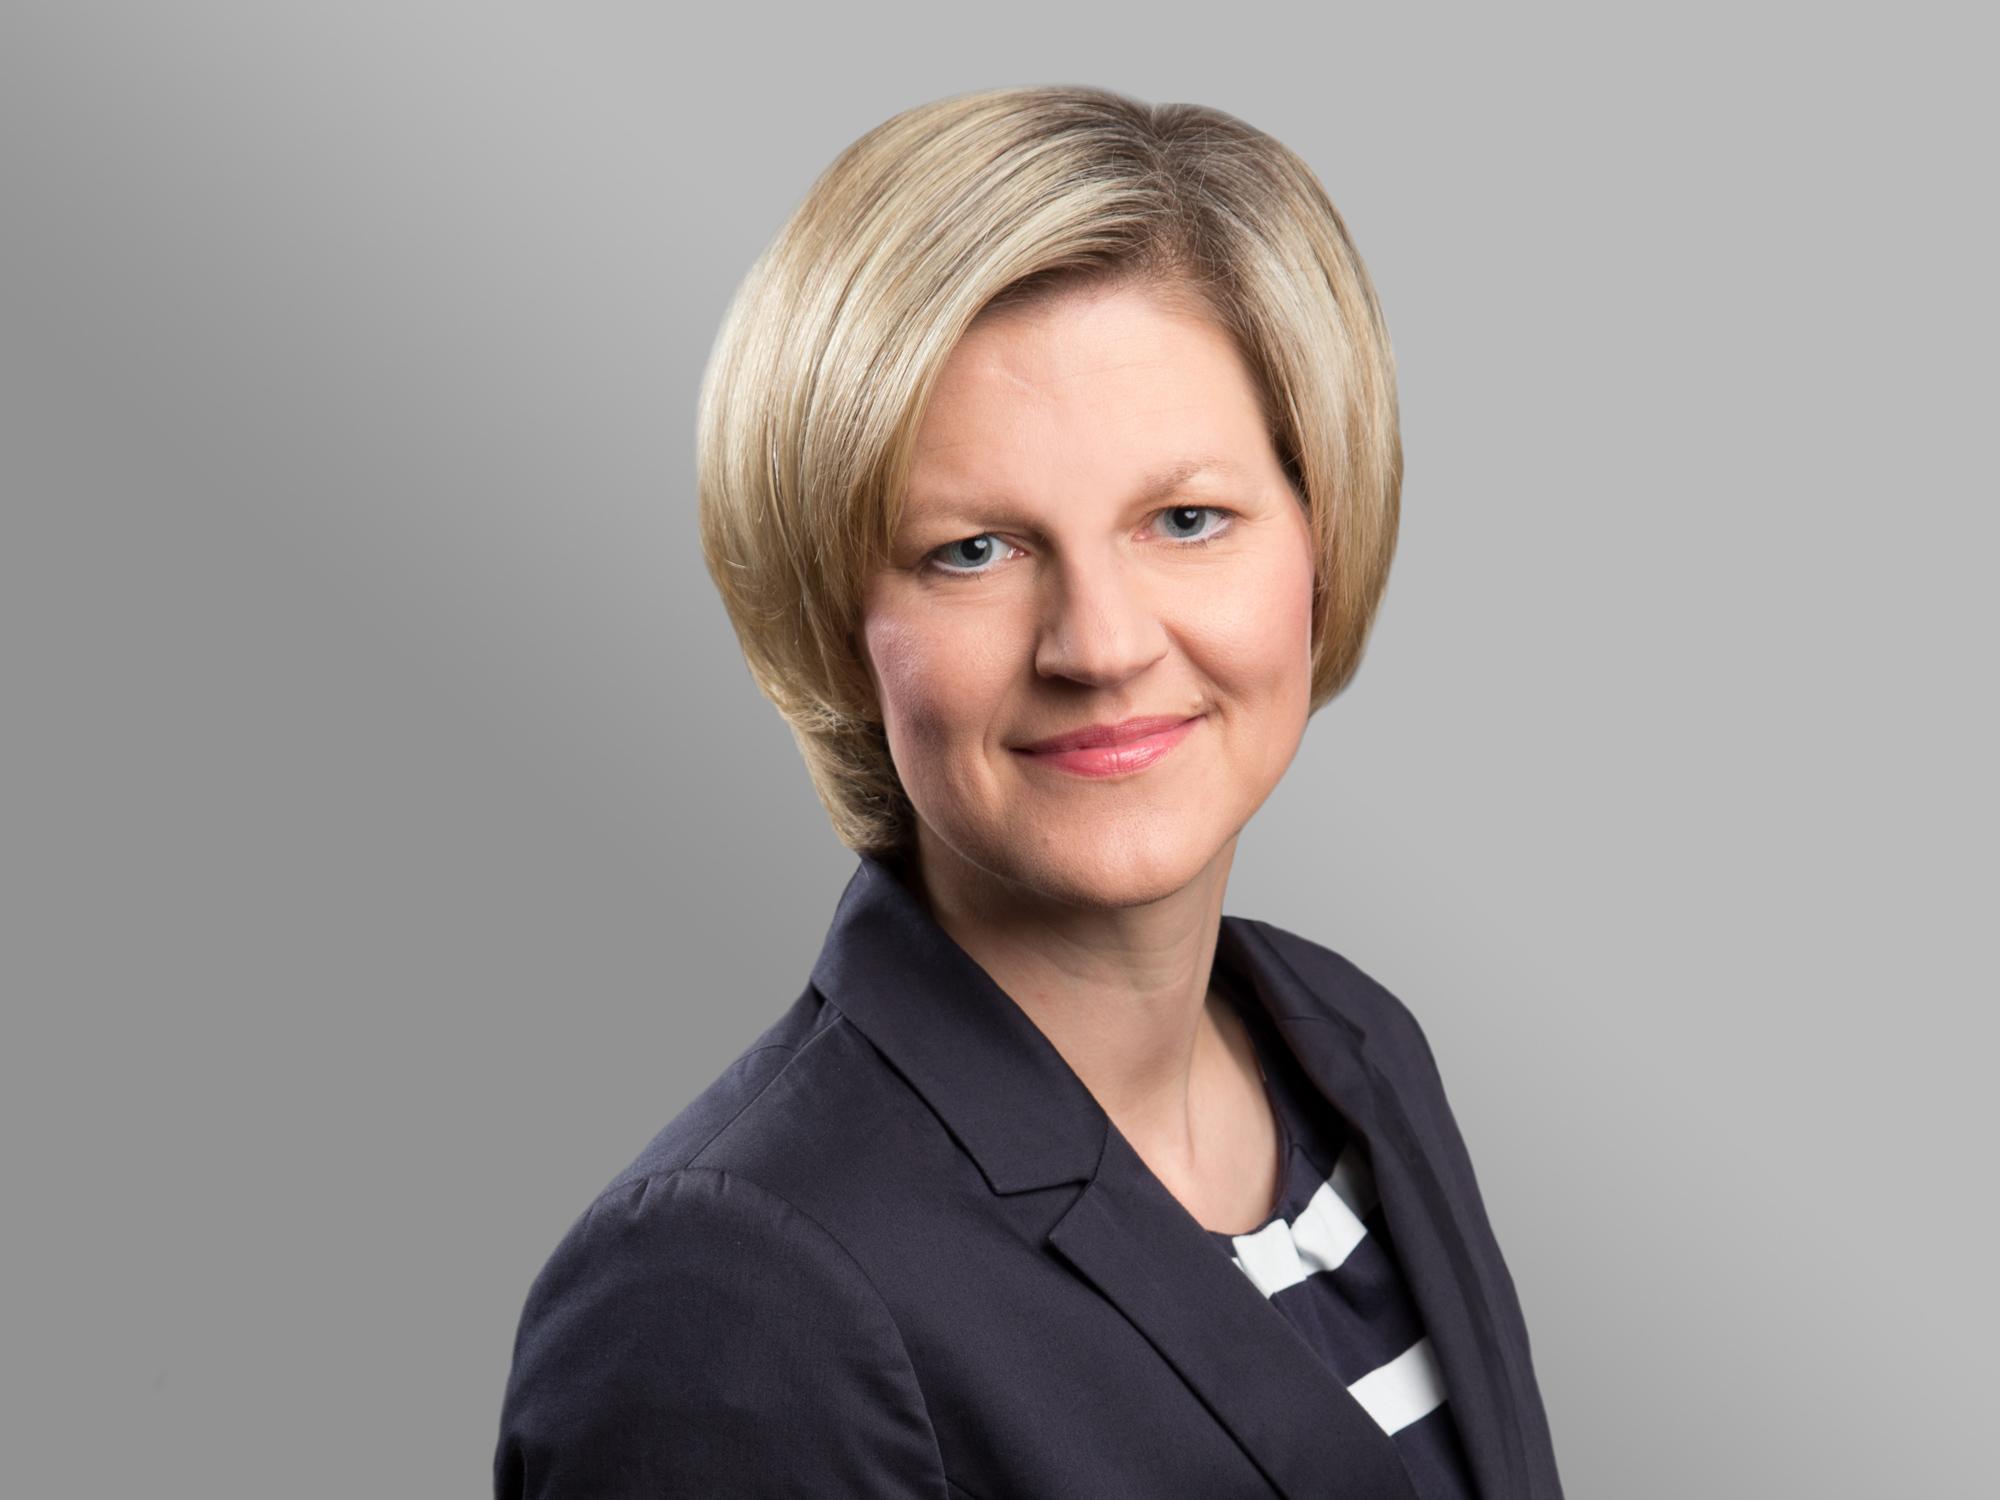 """<a href=""""http://rae-seichter.webseiten.cc/anwaelte/ann-kathrin-linnewedel/"""">Ann Kathrin Linnewedel, MBA</a>"""